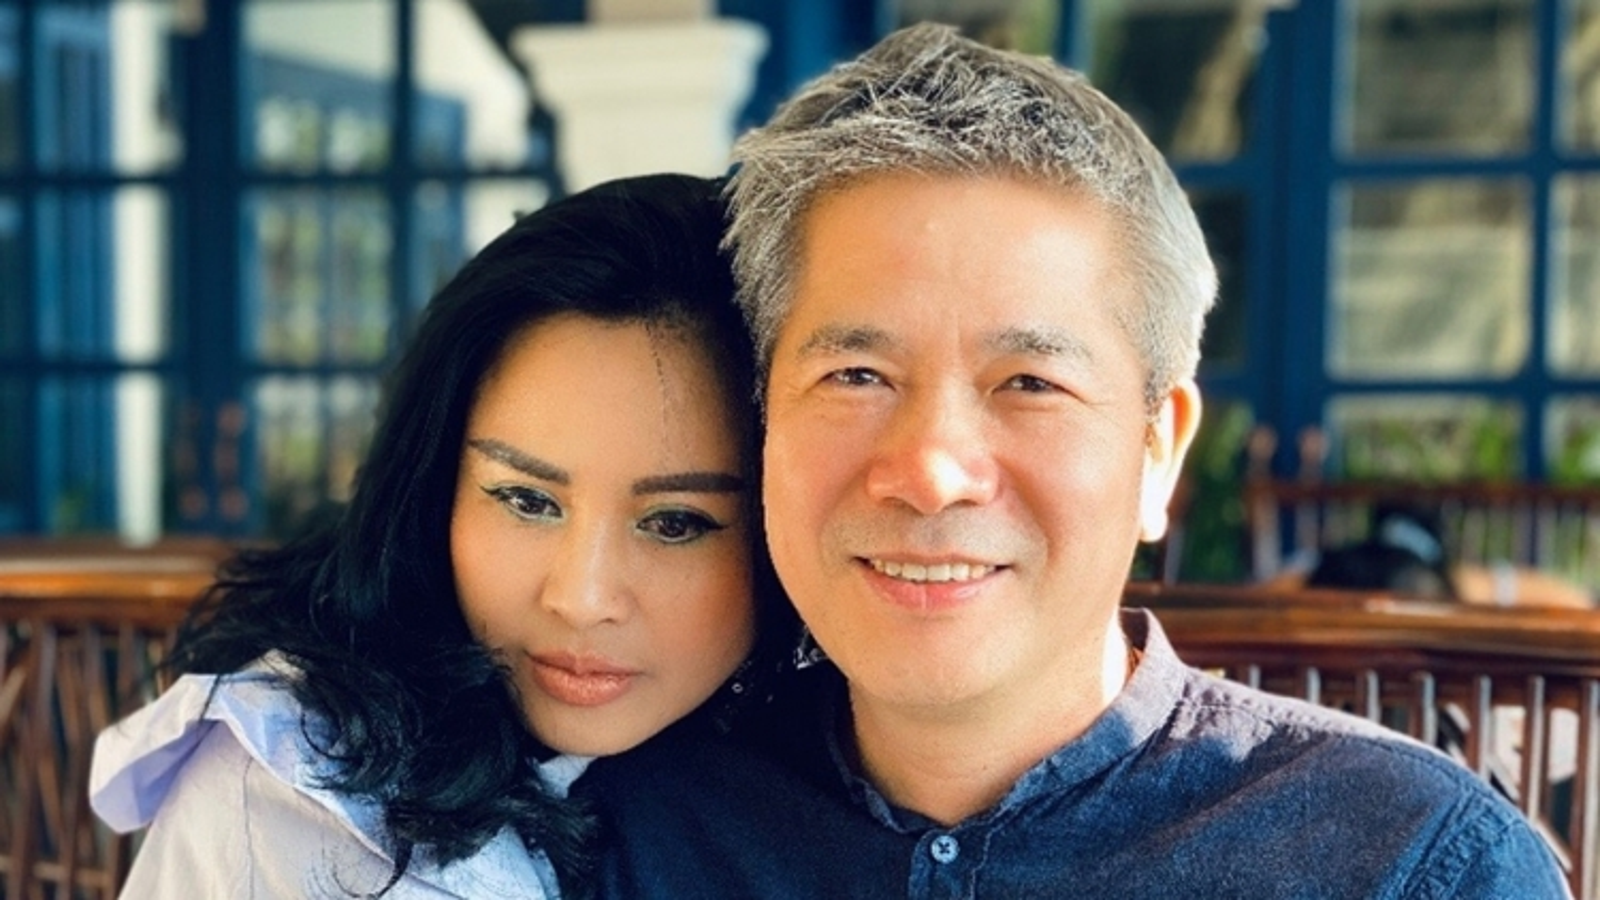 Chuyện showbiz: Diva Thanh Lam tiết lộ bạn trai 'dung dị nhưng đôi khi rất trẻ con'